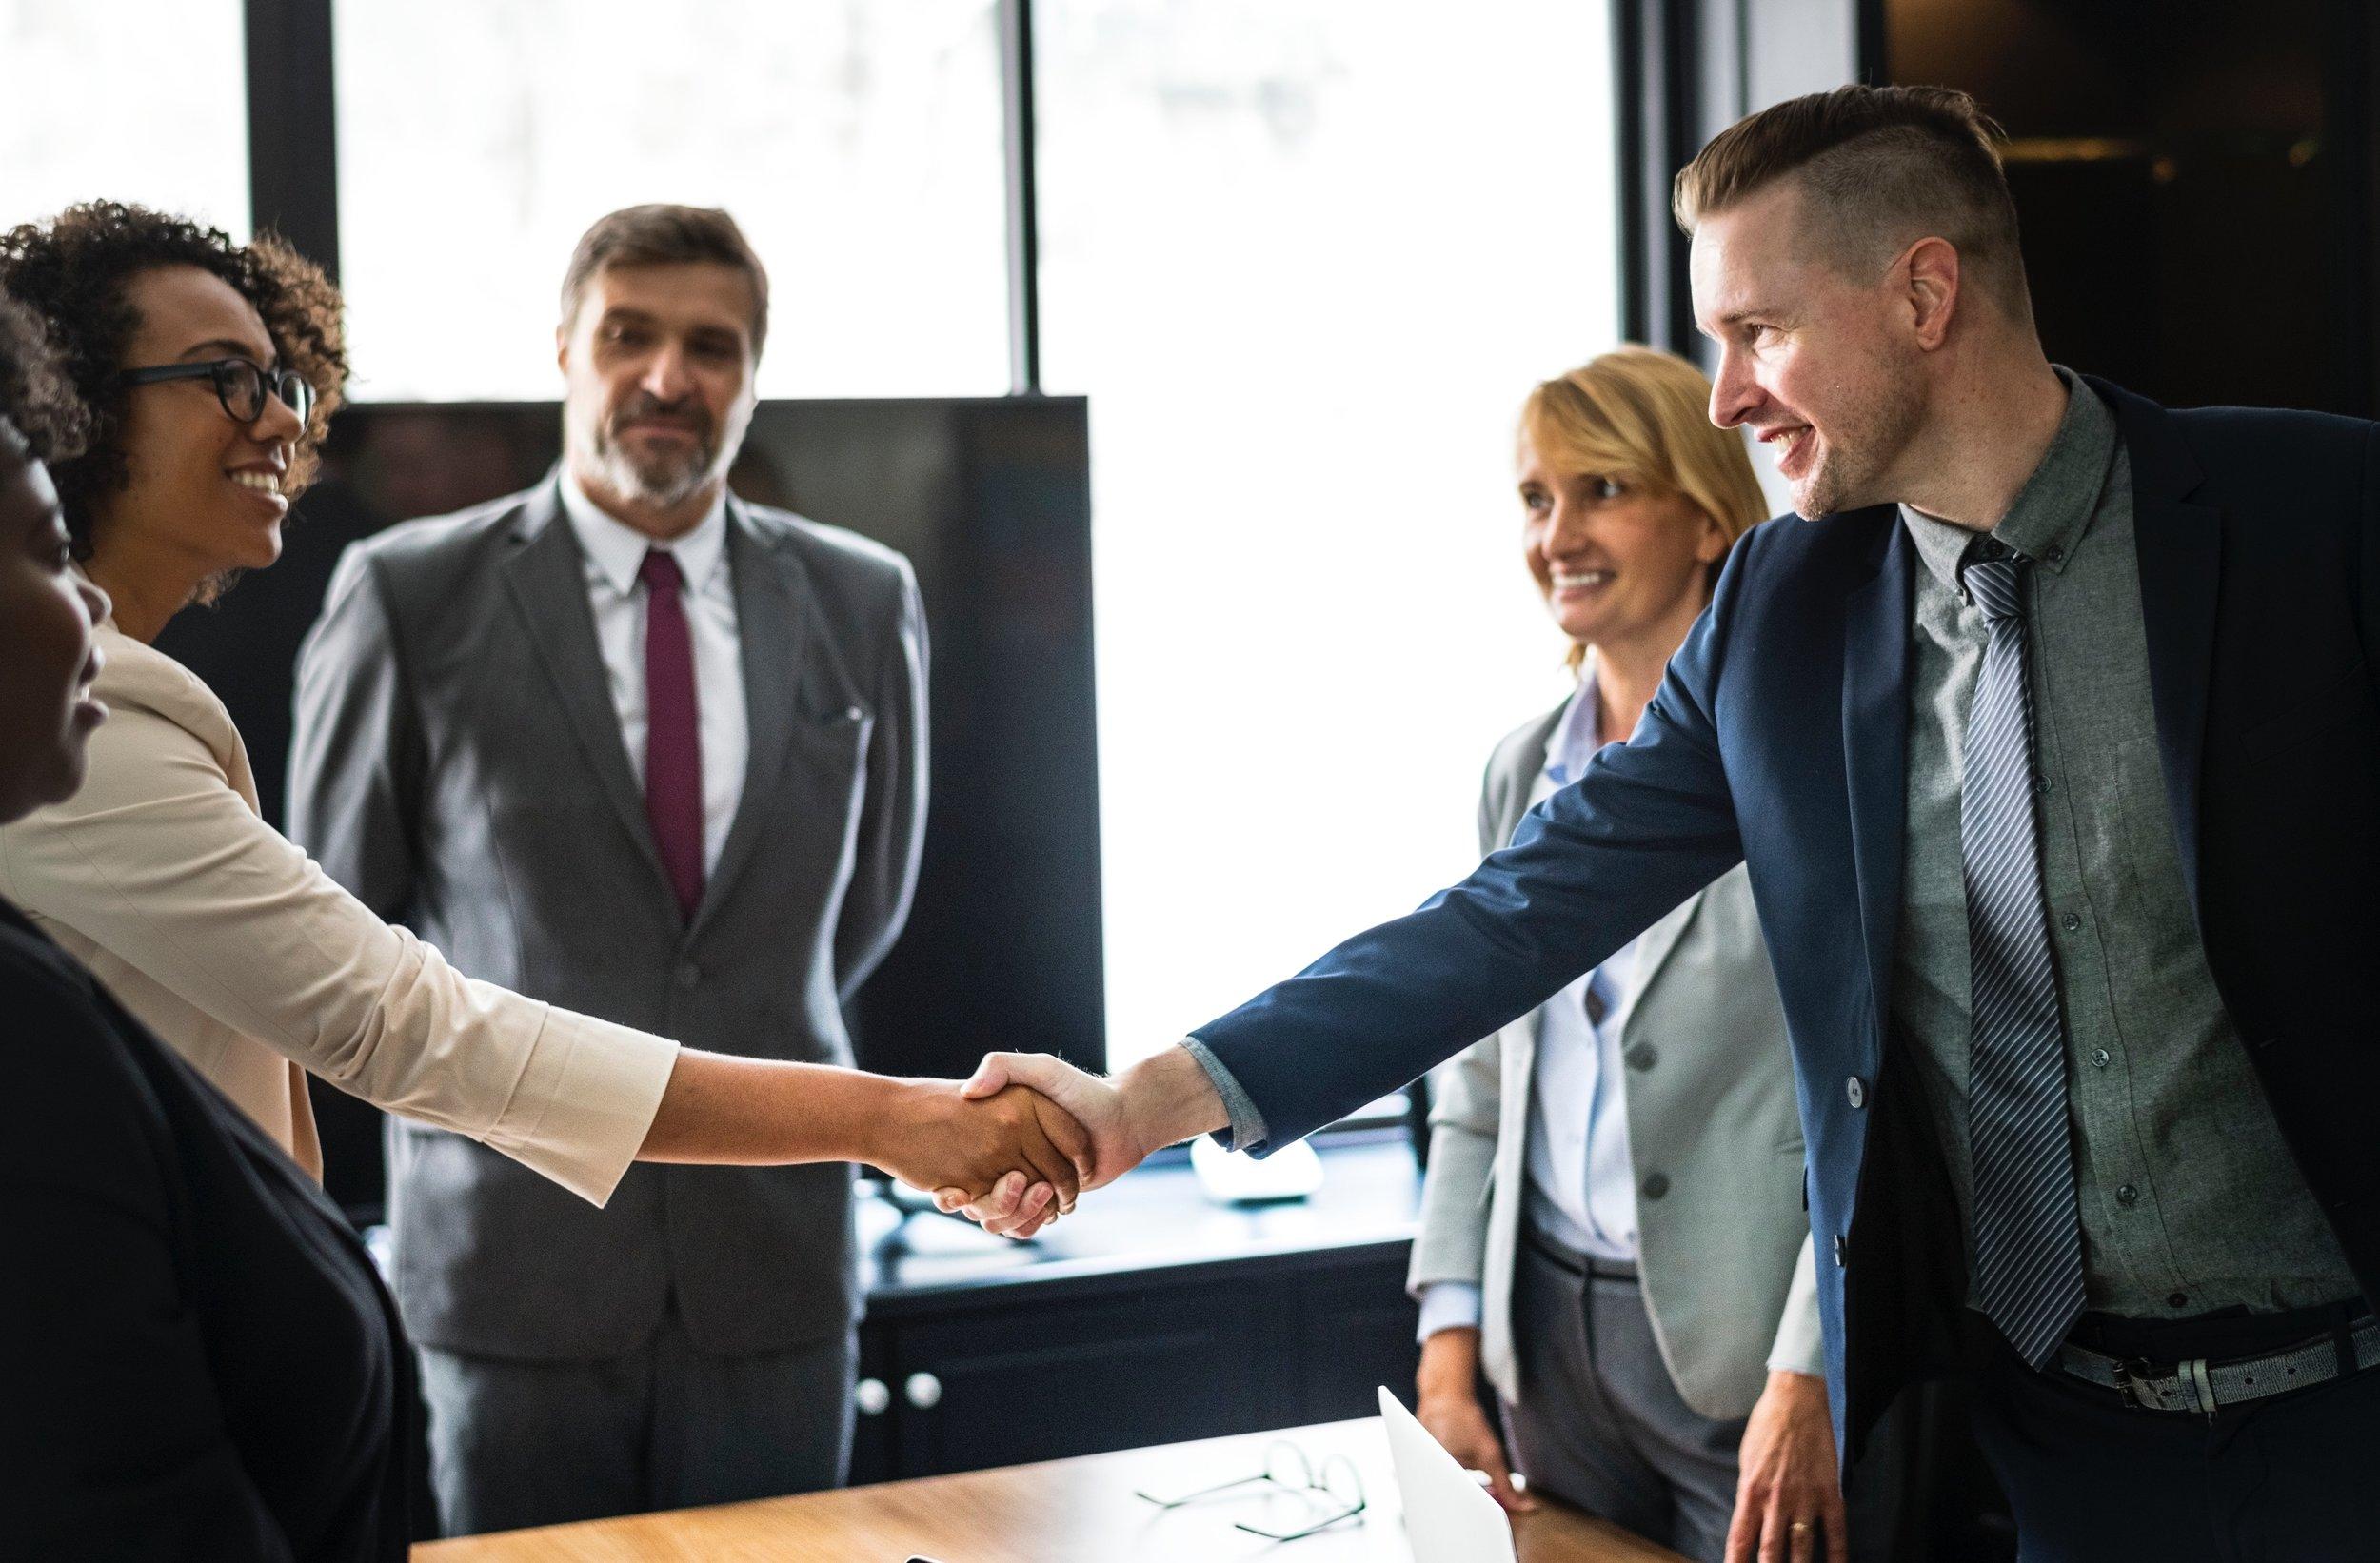 group leadership coaching